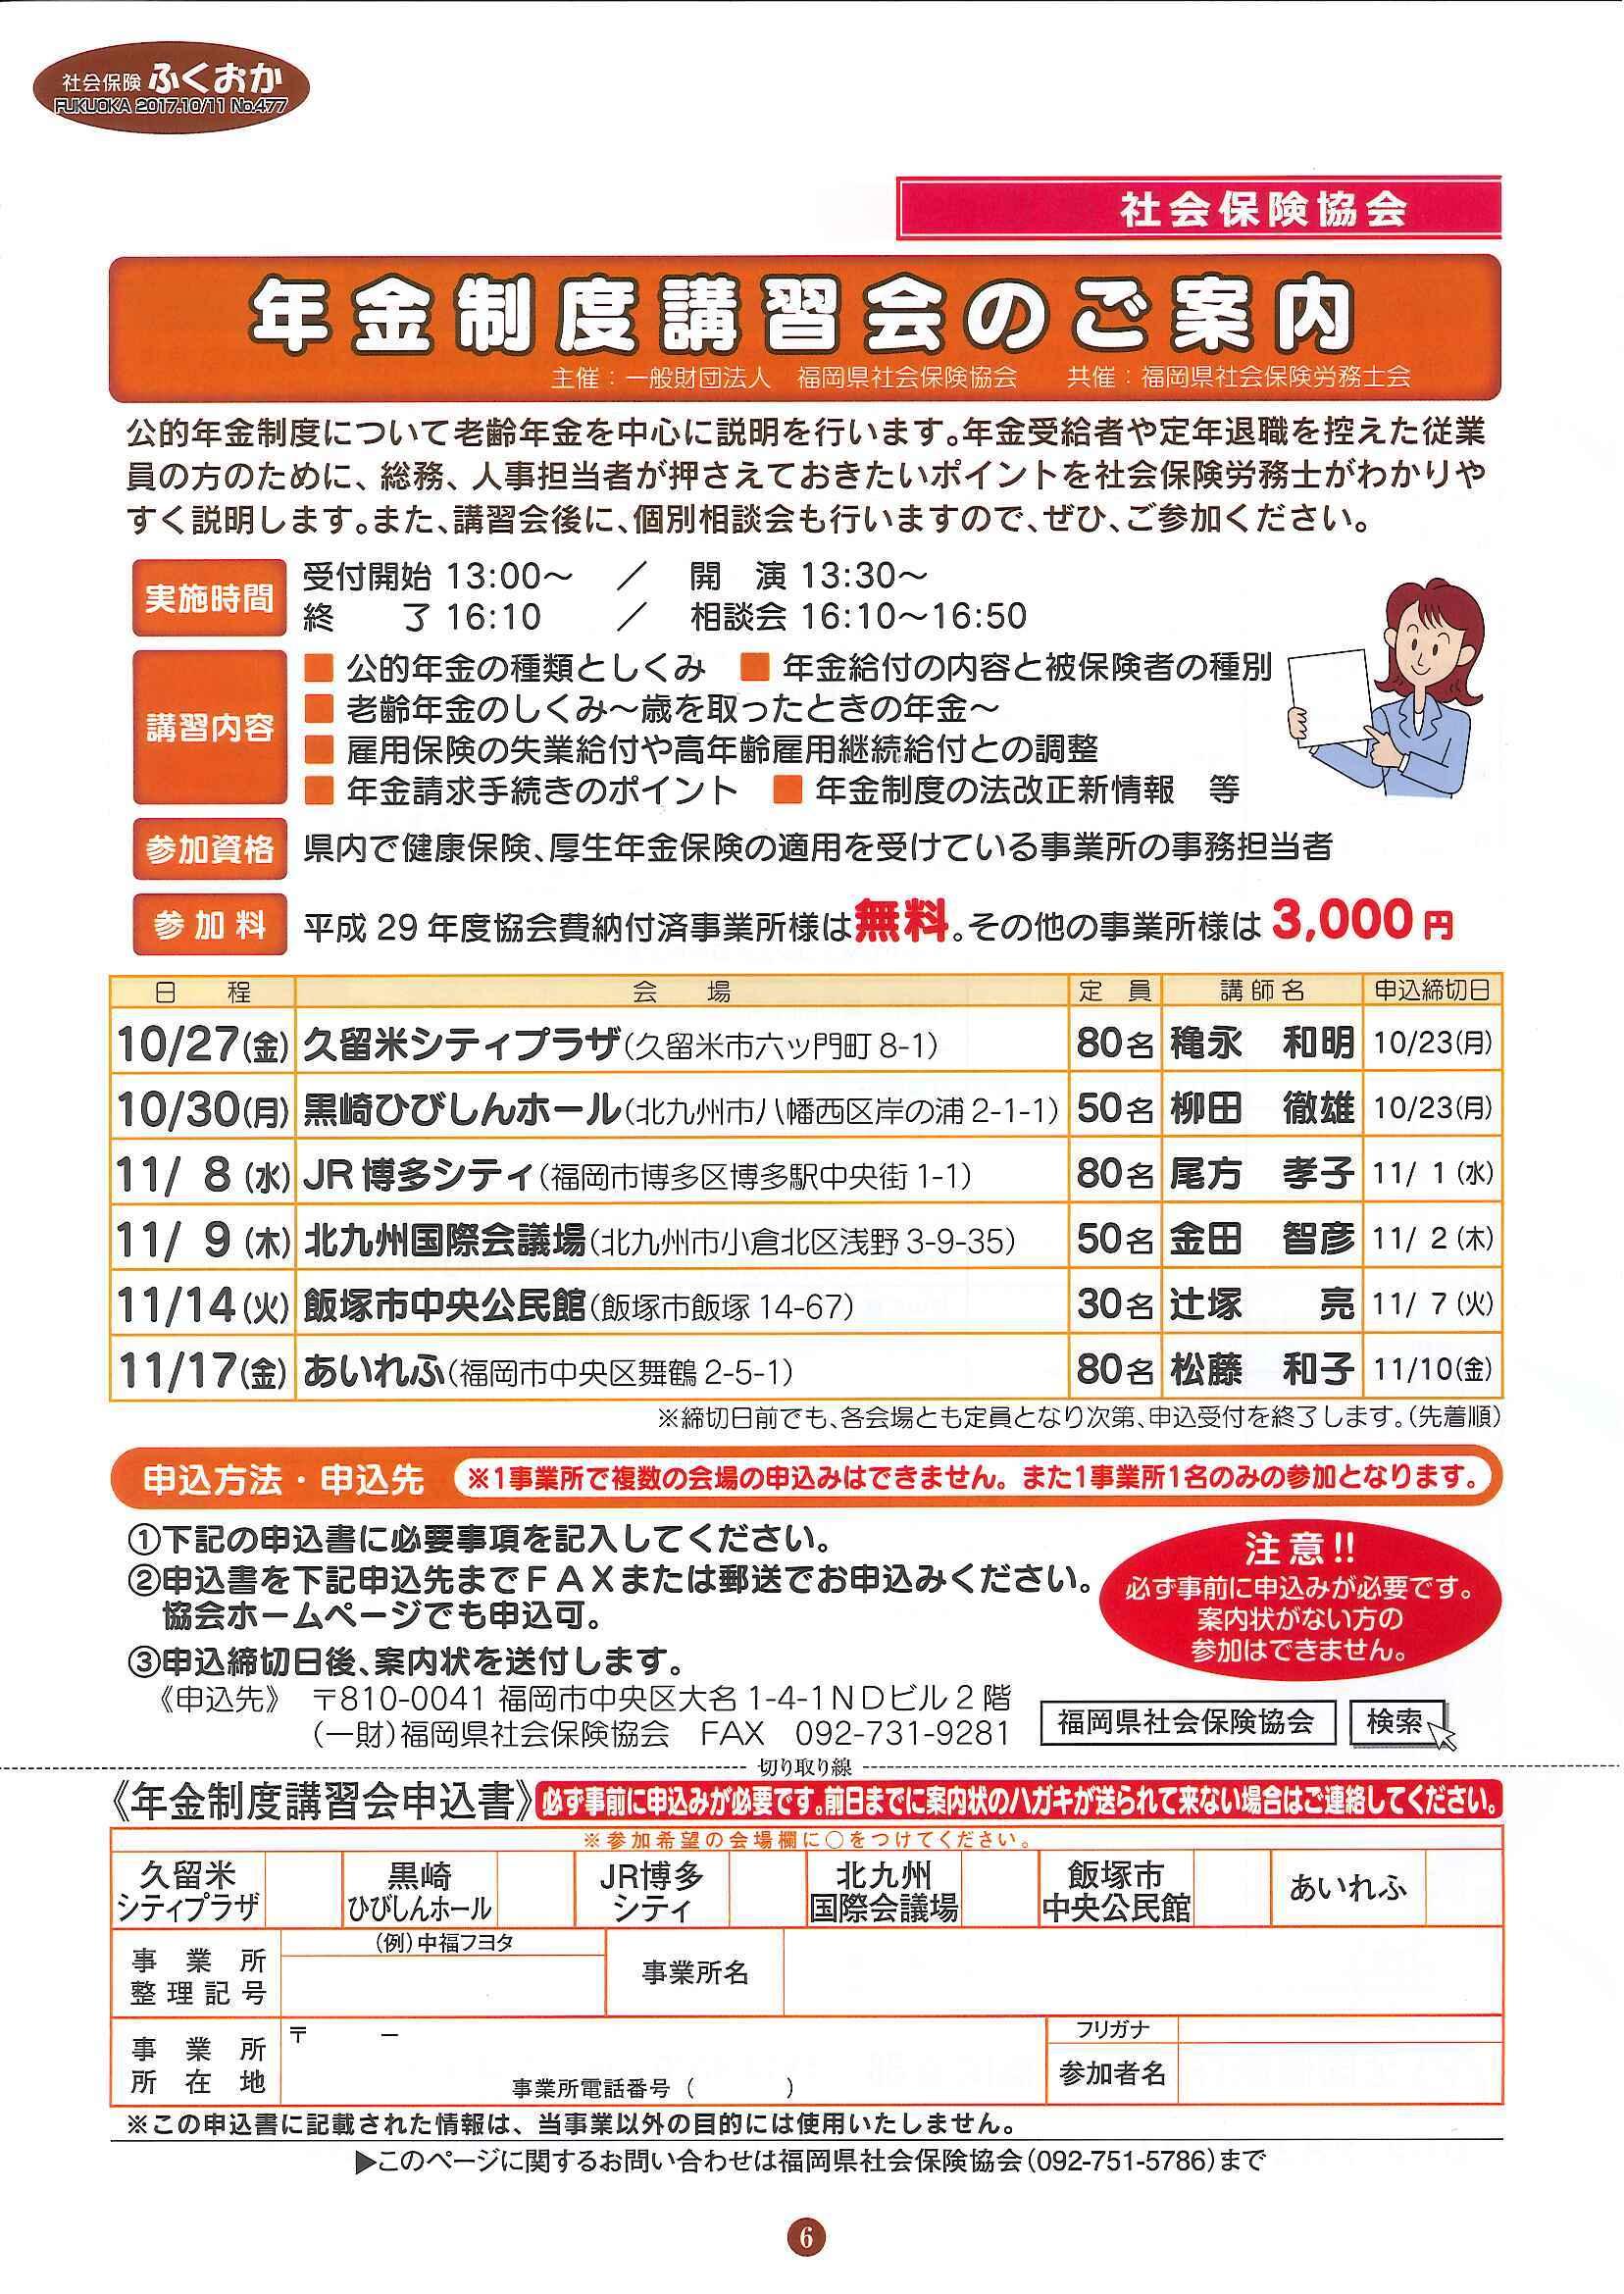 社会保険 ふくおか 2017年10・11月号_f0120774_12325333.jpg